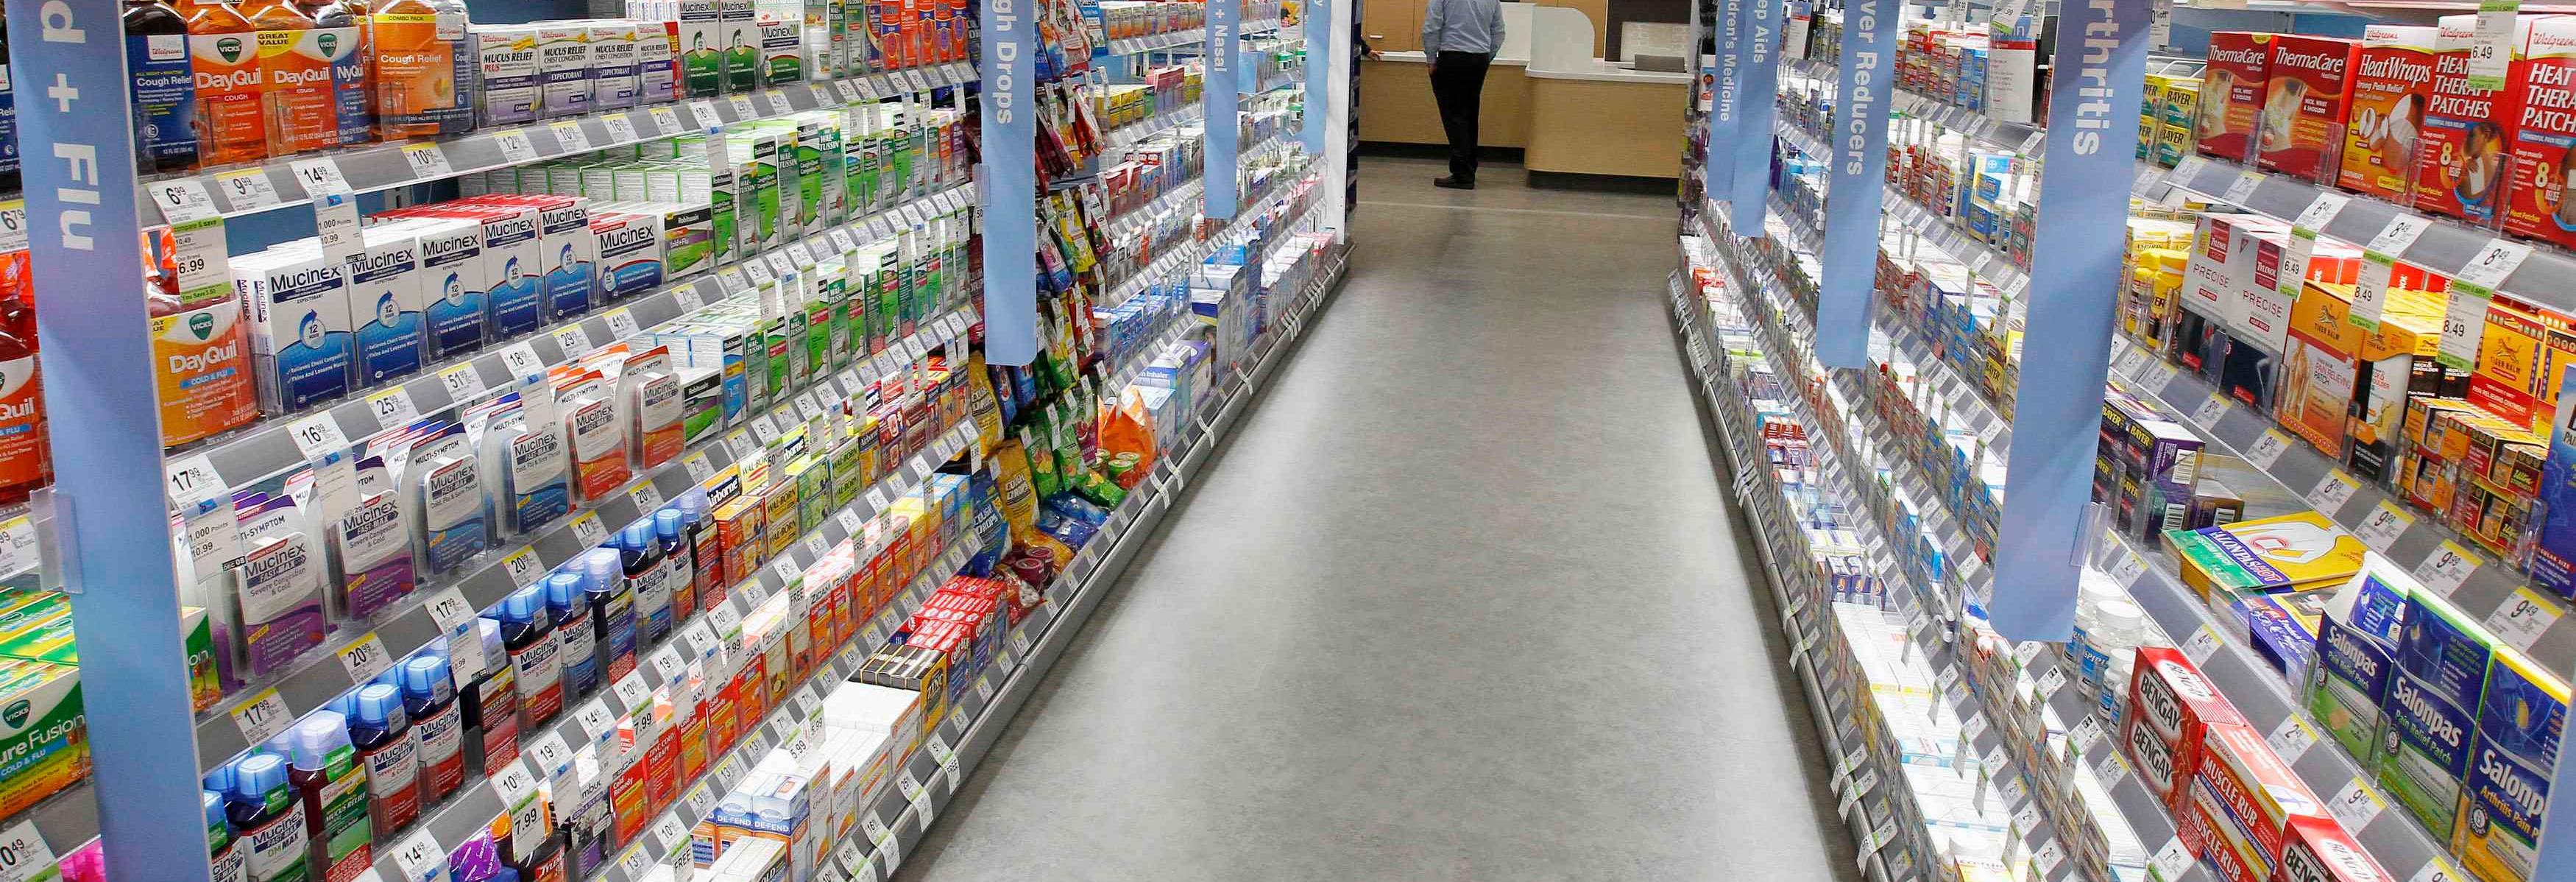 drug shoppe pharmacy drug store medicine cherokee shopping center ft. mitchell kentucky